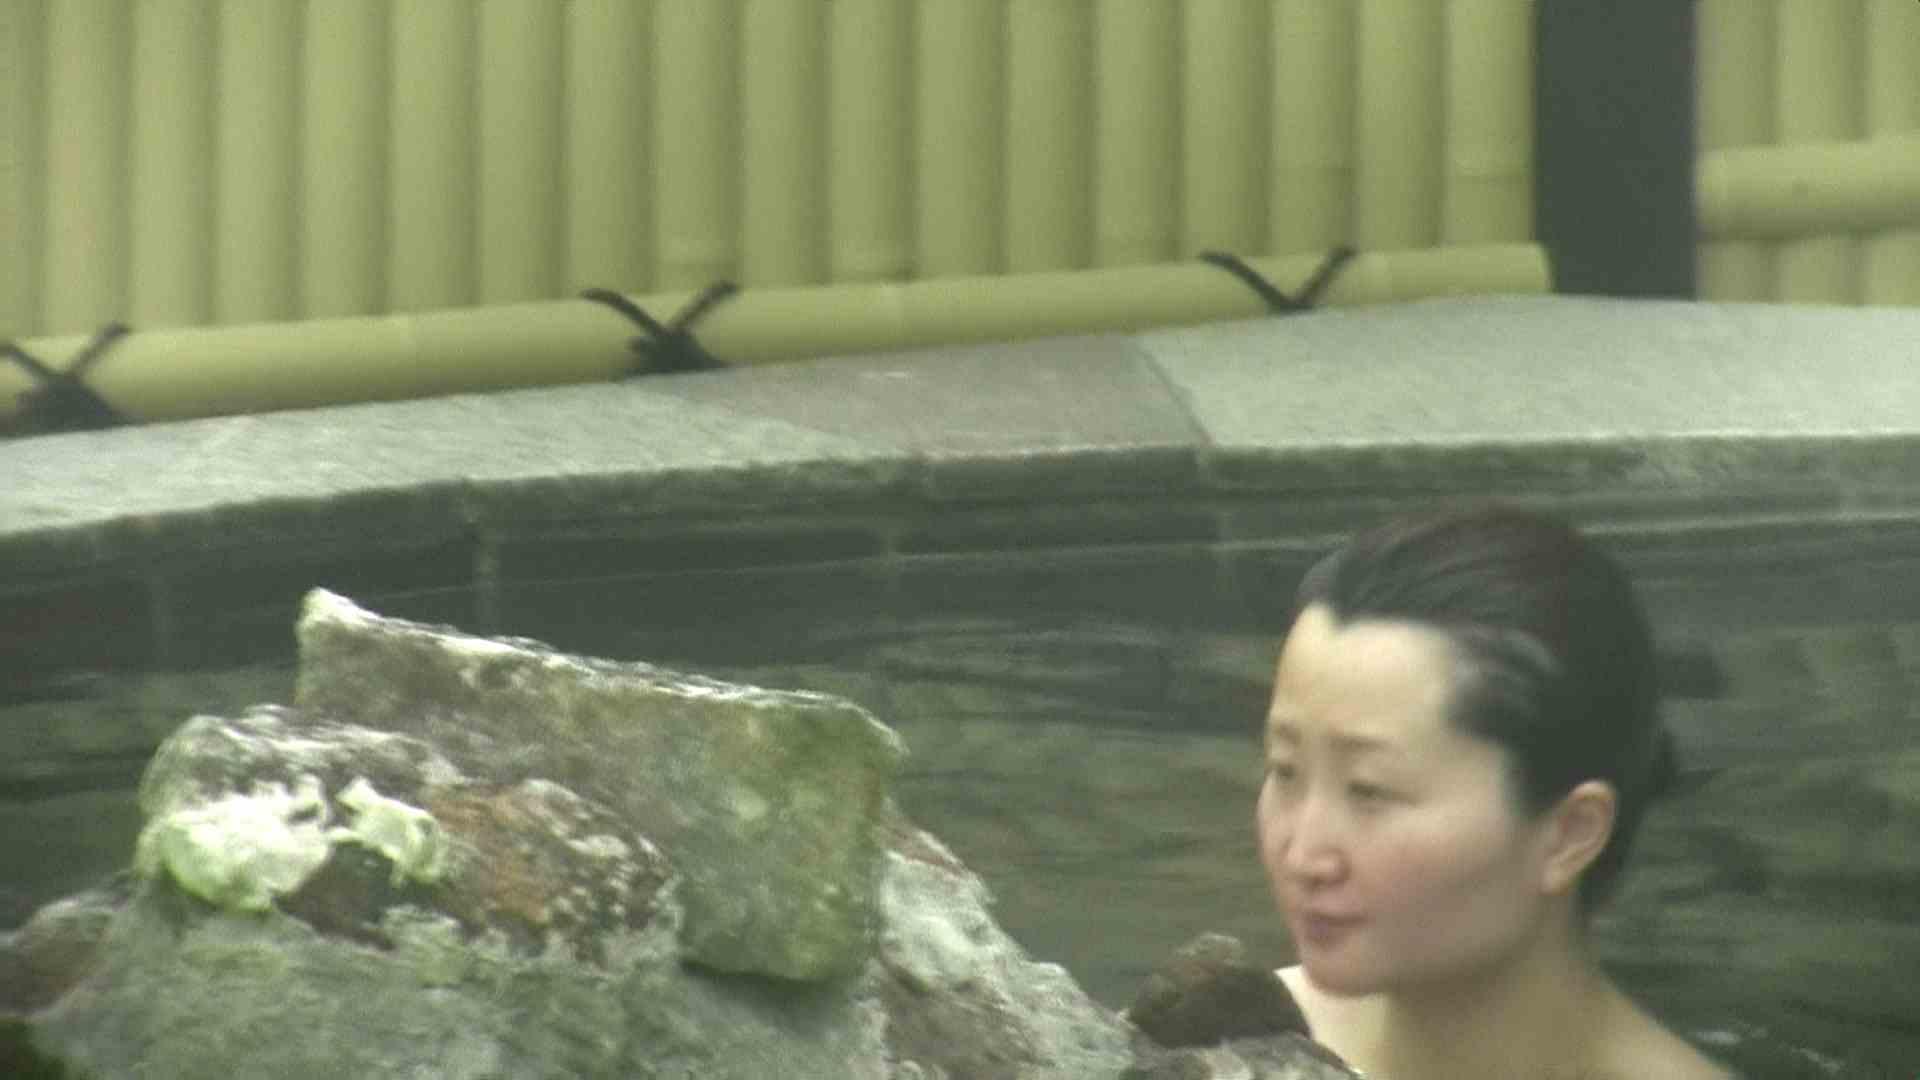 Aquaな露天風呂Vol.632 OL女体 のぞき動画画像 75連発 20